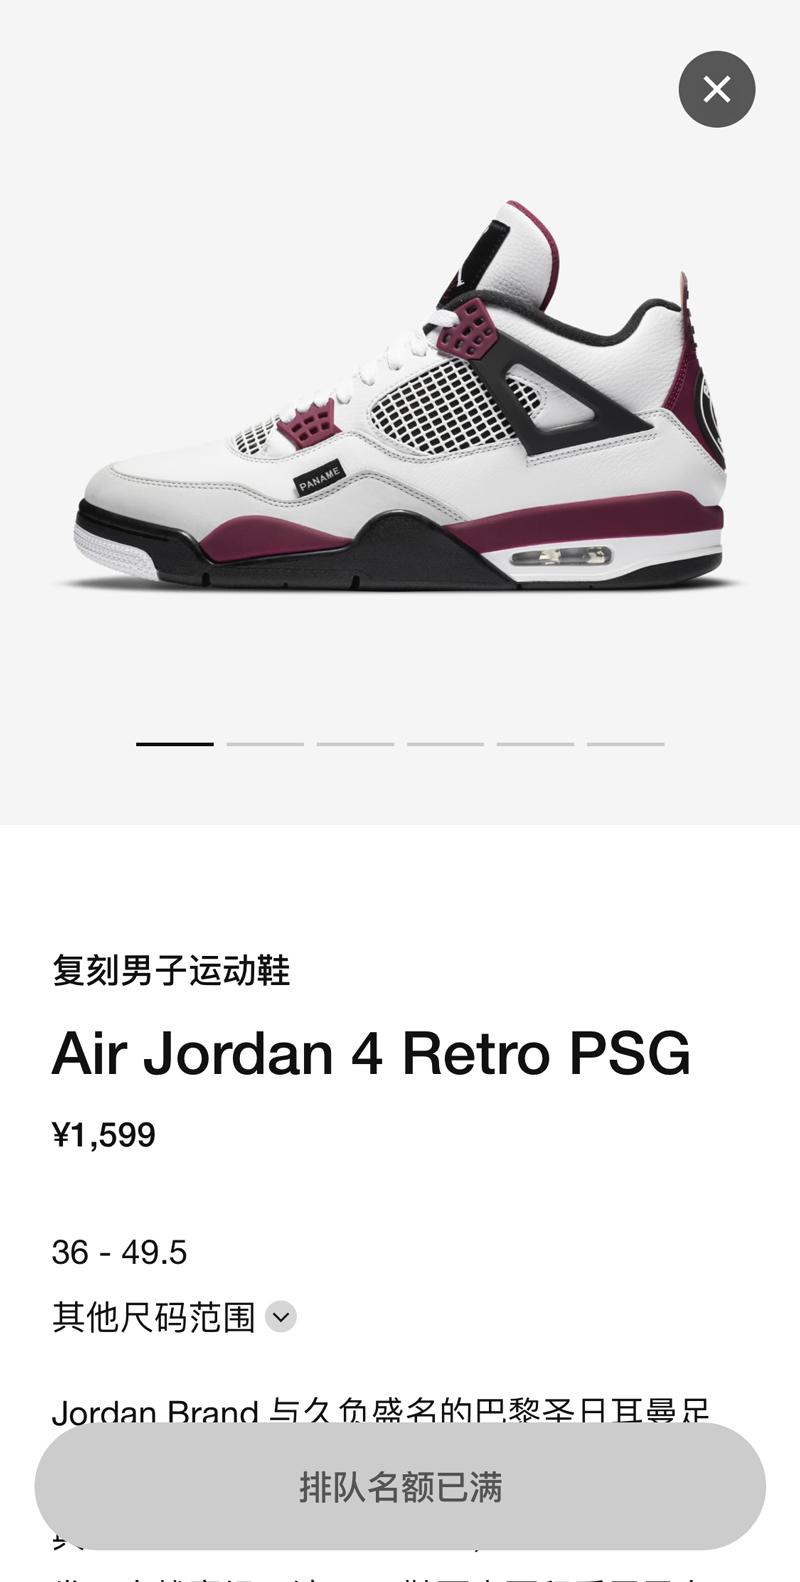 今早抢到哪双鞋了?尚有特殊 AJ1 Mid 突袭发售!